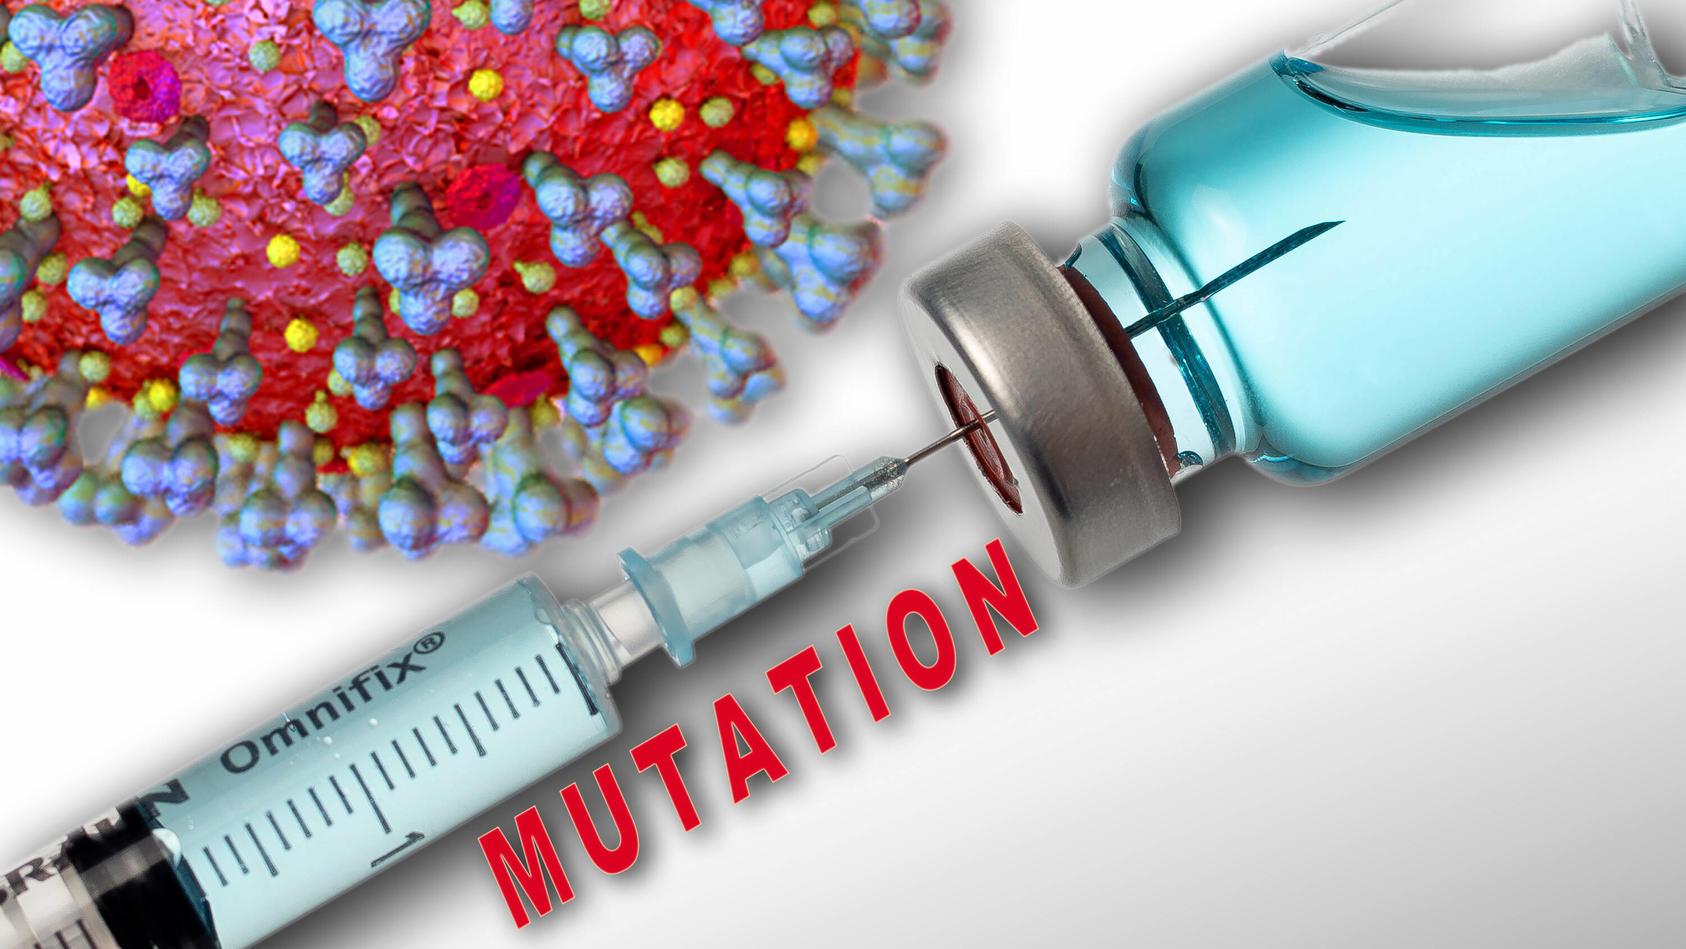 Bisher gibt es in England 16 bestätigte Fälle der Coronavirus-Variante B.1.621.